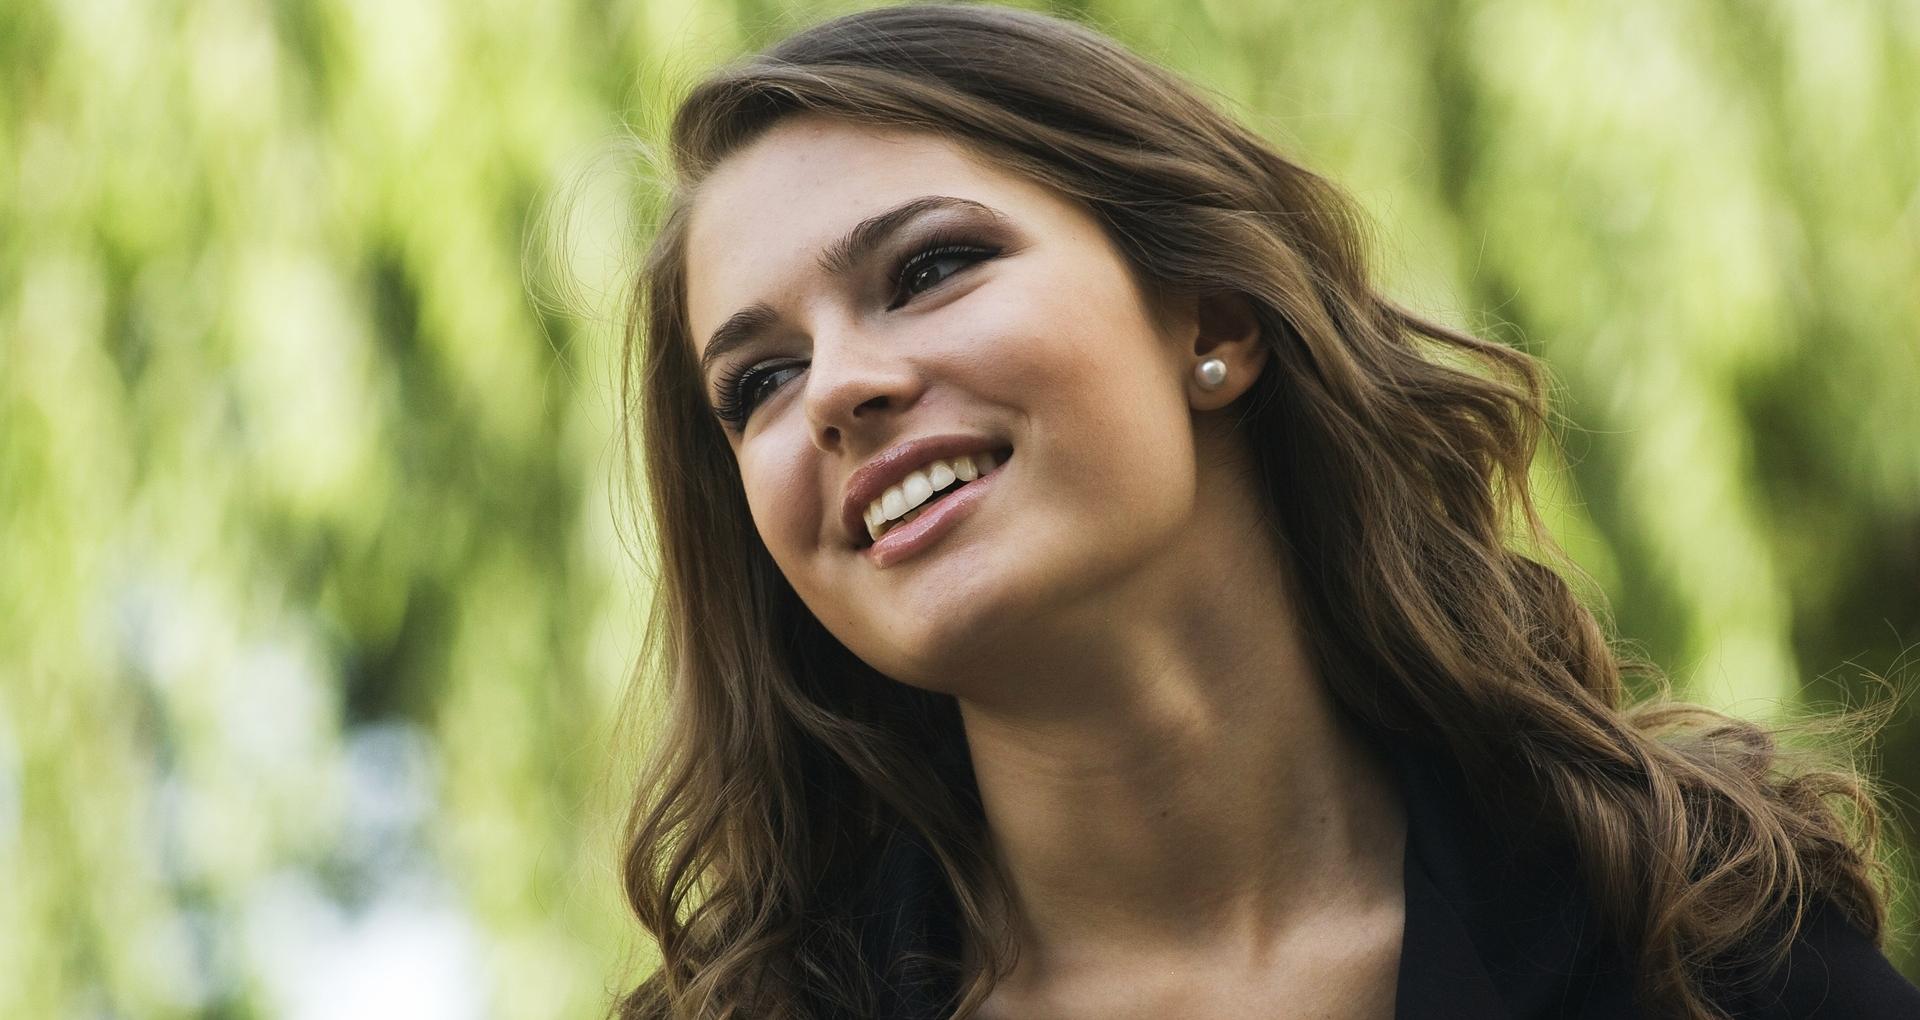 Skin Care Tips: फेस सीरम स्किन की कई परेशानियों को करता है दूर, जानिए मॉइश्चराइजर और इसमें क्या है फर्क